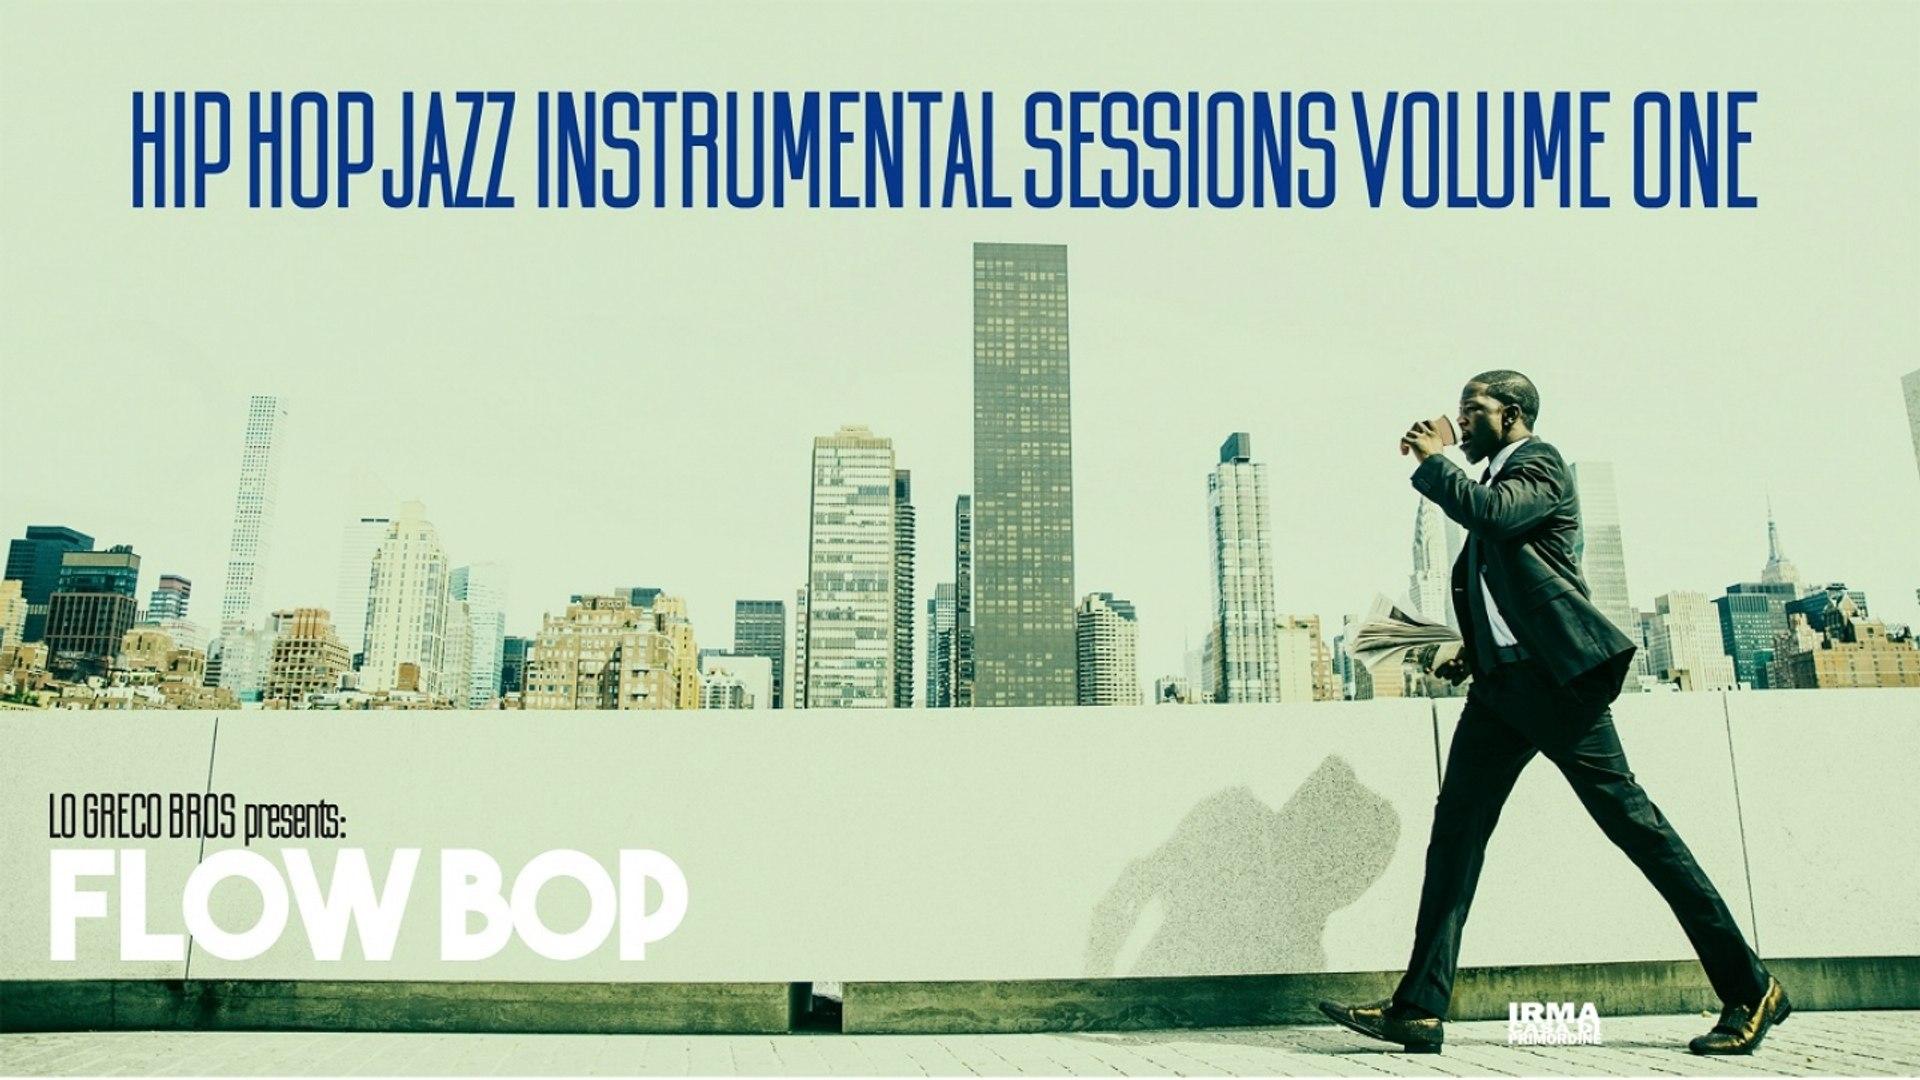 Hip Hop Jazz Instrumental Sessions Vol  1 - Lo Greco Bros Presents Flow Bop